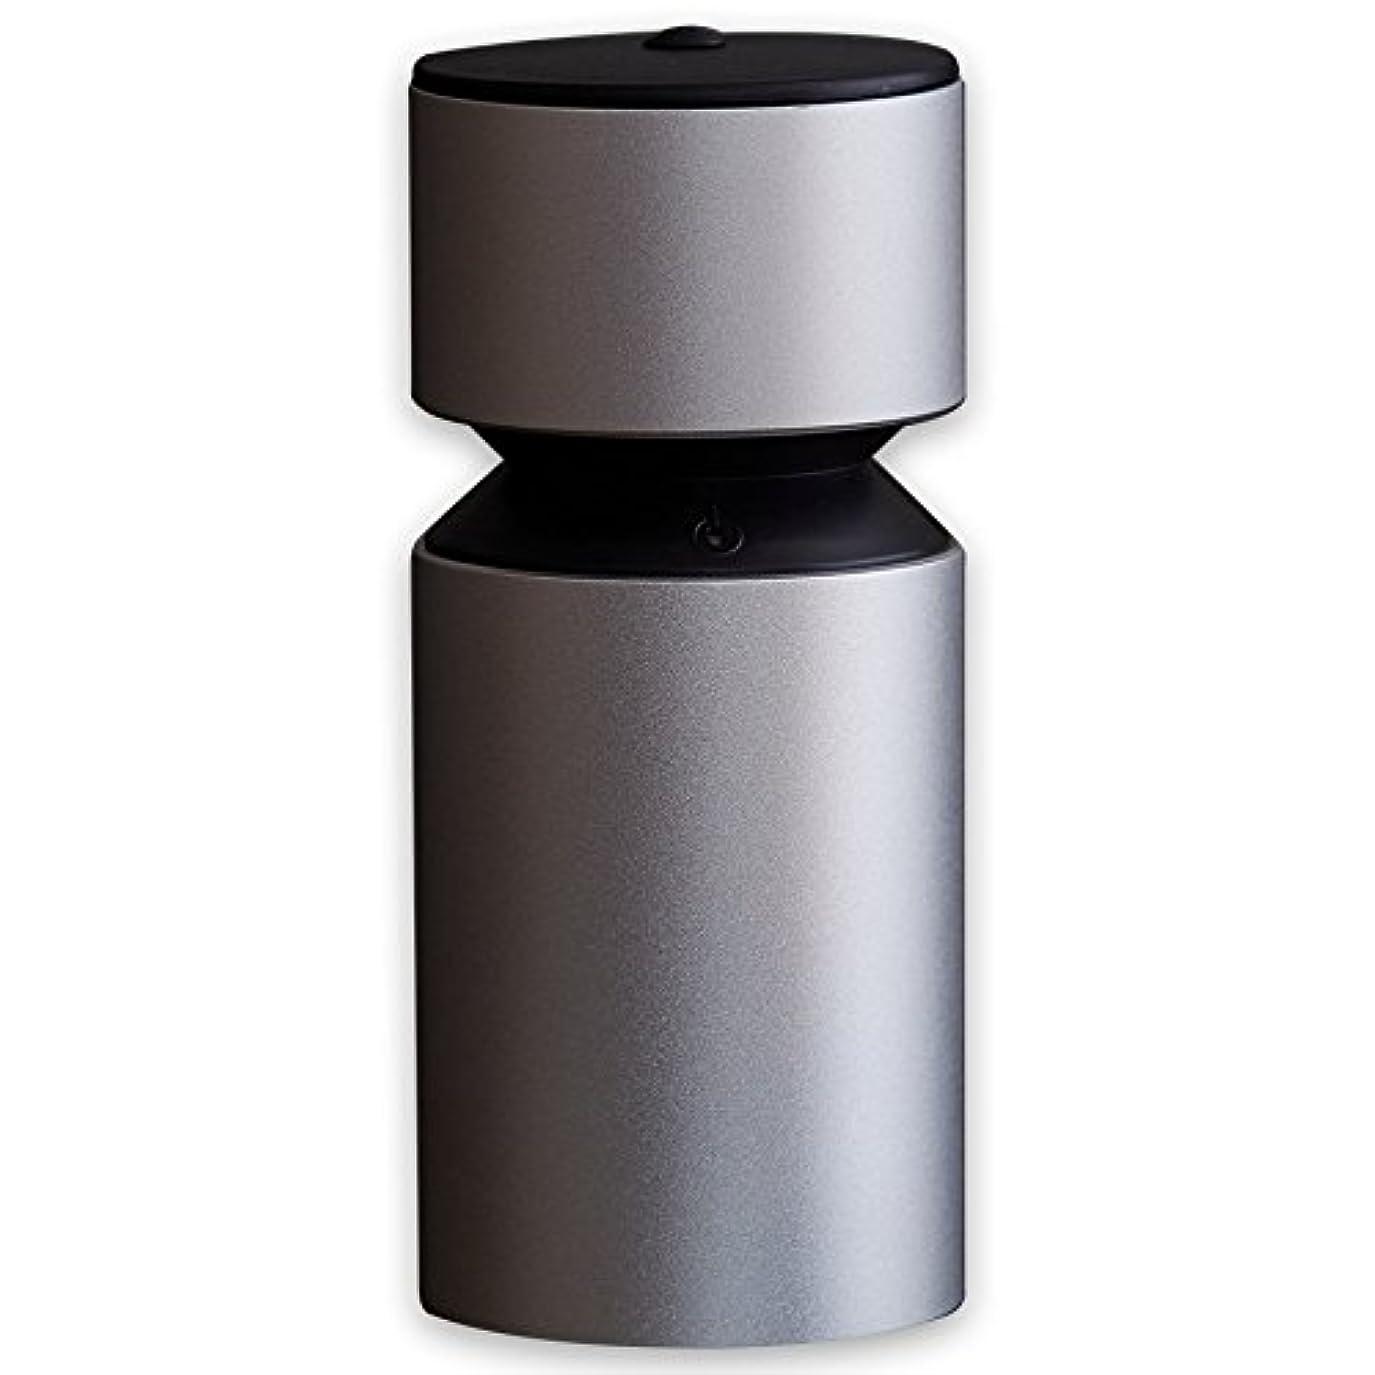 仮定ホットジョブアロマディフューザー UR-AROMA03 卓上 小型 加湿器 Uruon(ウルオン) オーガニックアロマオイル対応 天然アロマオイル AROMA ポータブル usb コンパクト 充電式 タンブラー 2way アロマドロップ方式